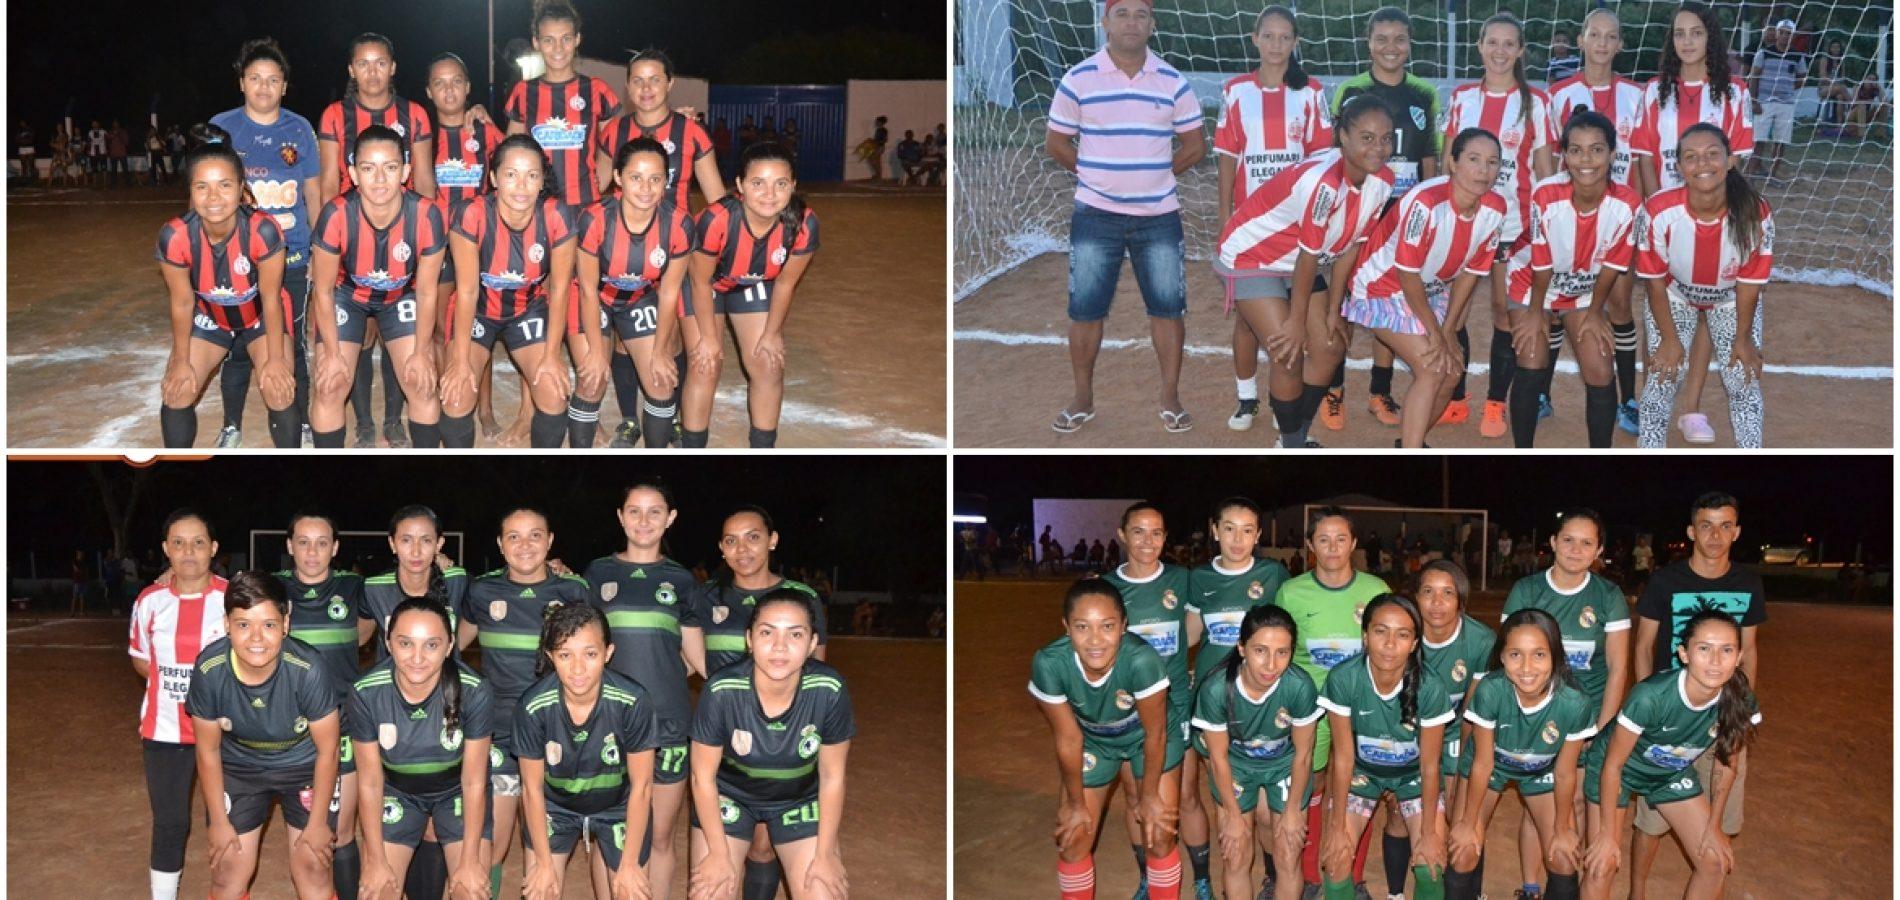 CARIDADE 23 ANOS | Torneio de Futebol Feminino abre programação do aniversário da cidade